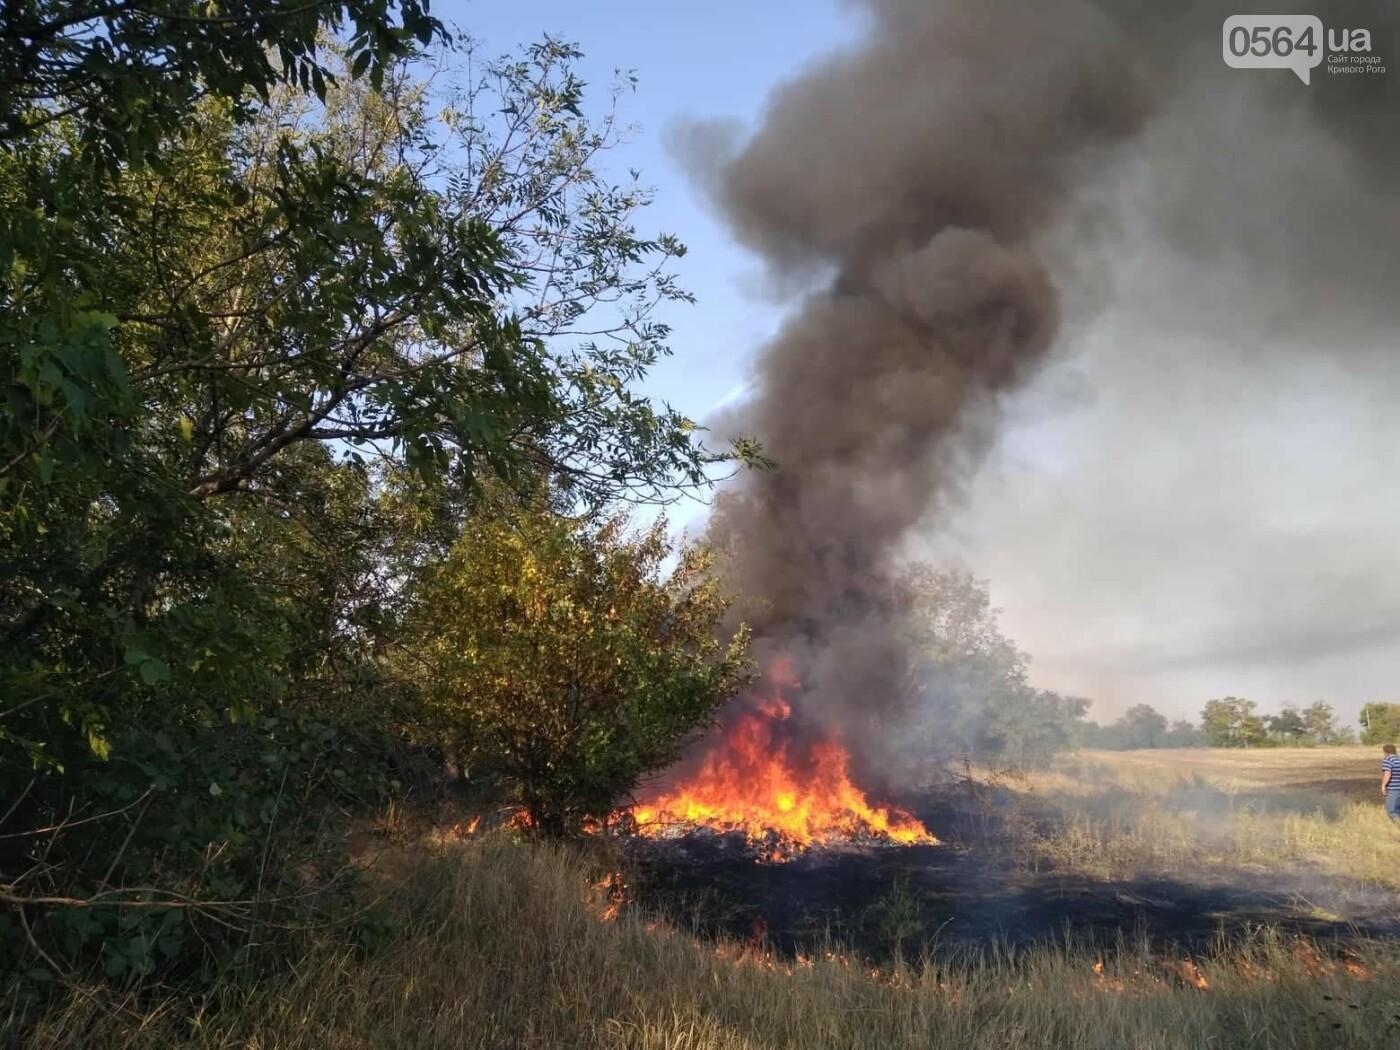 Пожар в Кривом Роге: горит лесополоса, в эпицентре возгорания - выгруженные из авто предметы, - ФОТО, фото-4